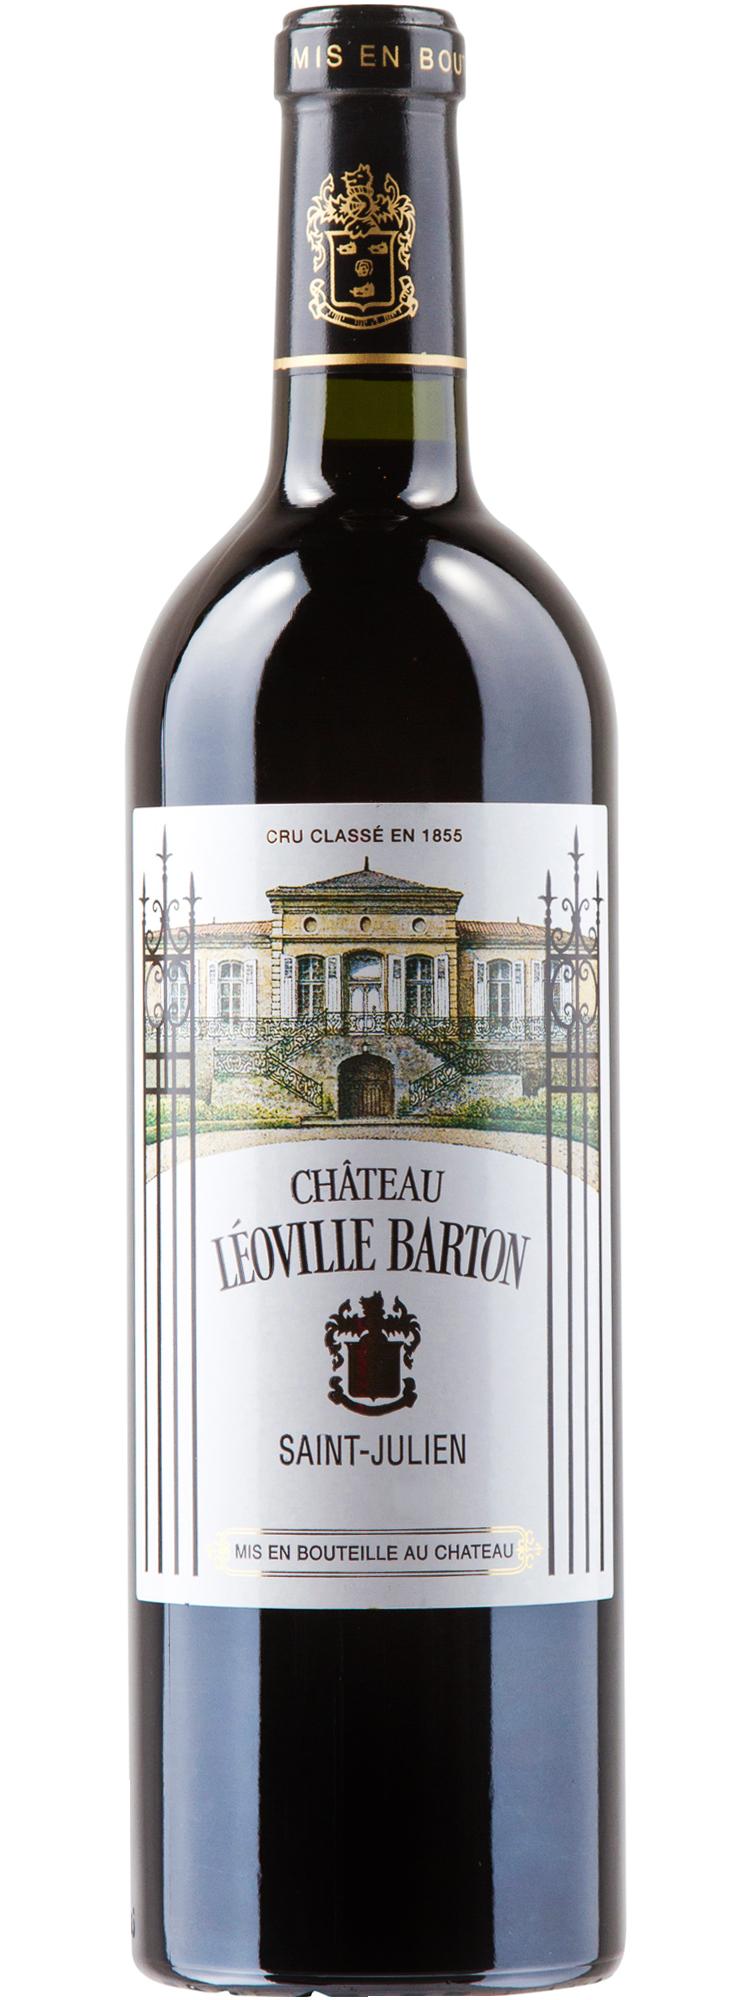 Chateau Leovillе-Barton Chateau Leoville-Barton